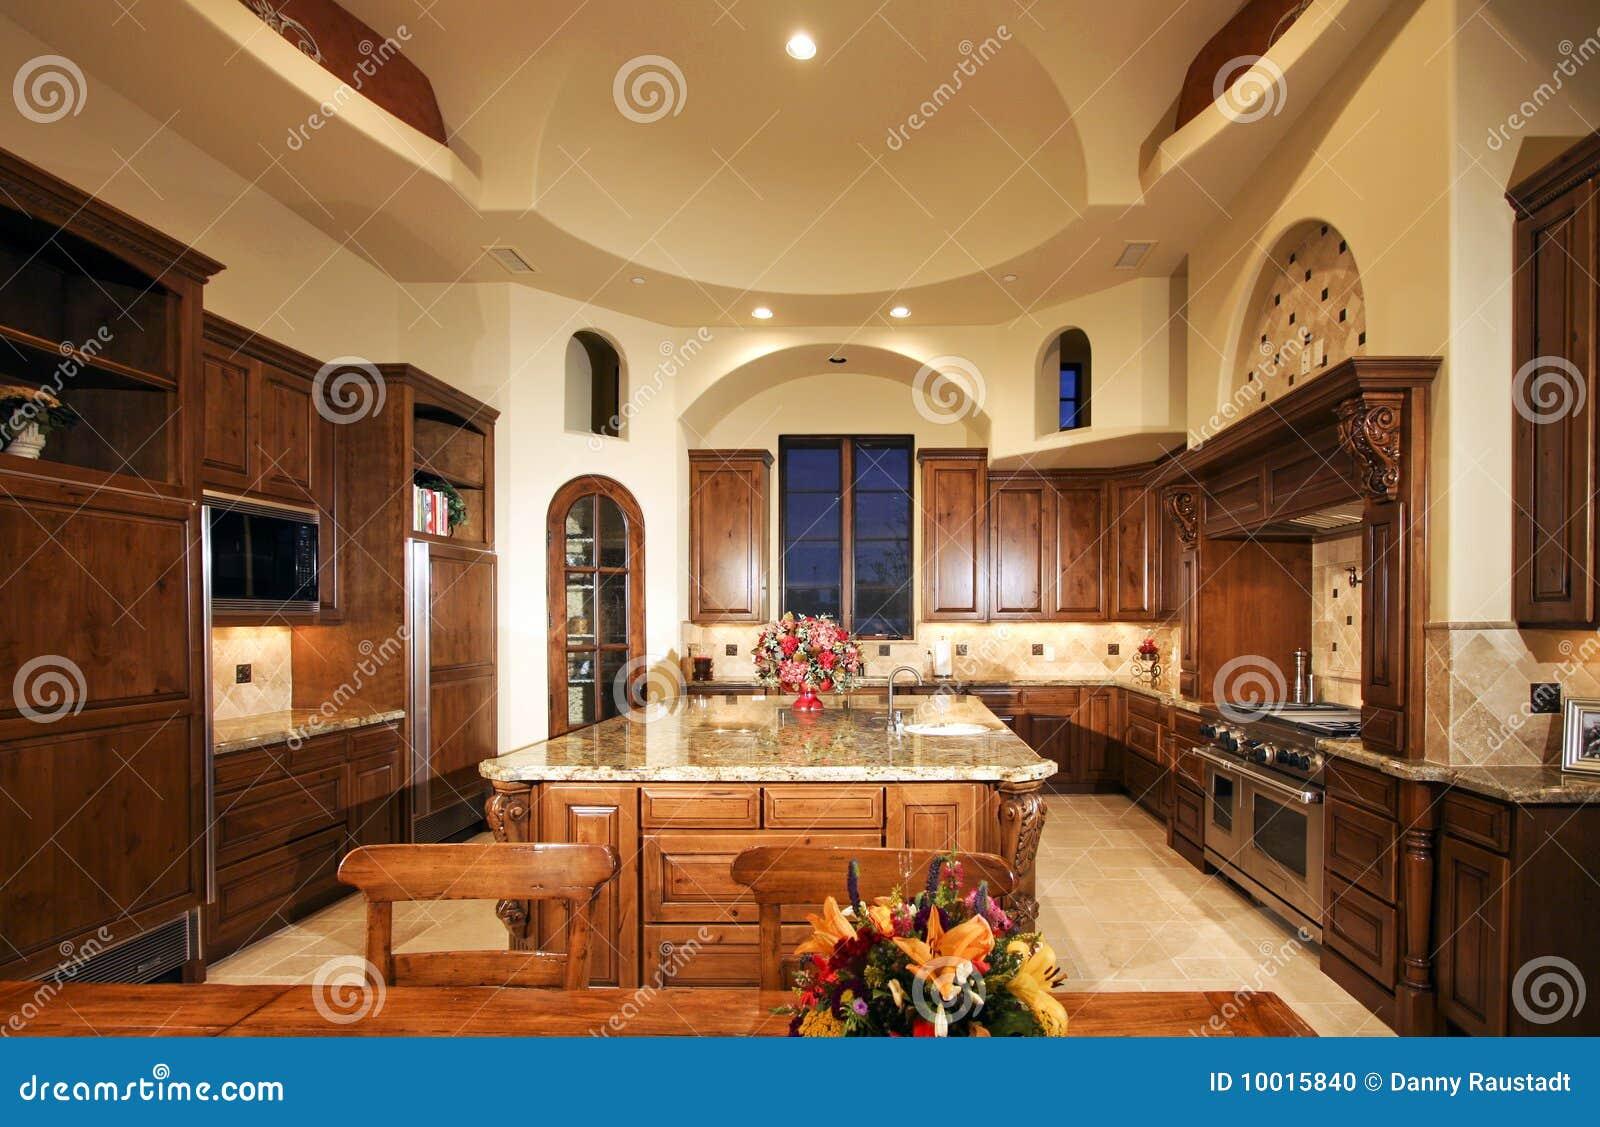 De reusachtige nieuwe keuken van het huis van het herenhuis stock foto afbeelding 10015840 - Keuken uitgerust m ...